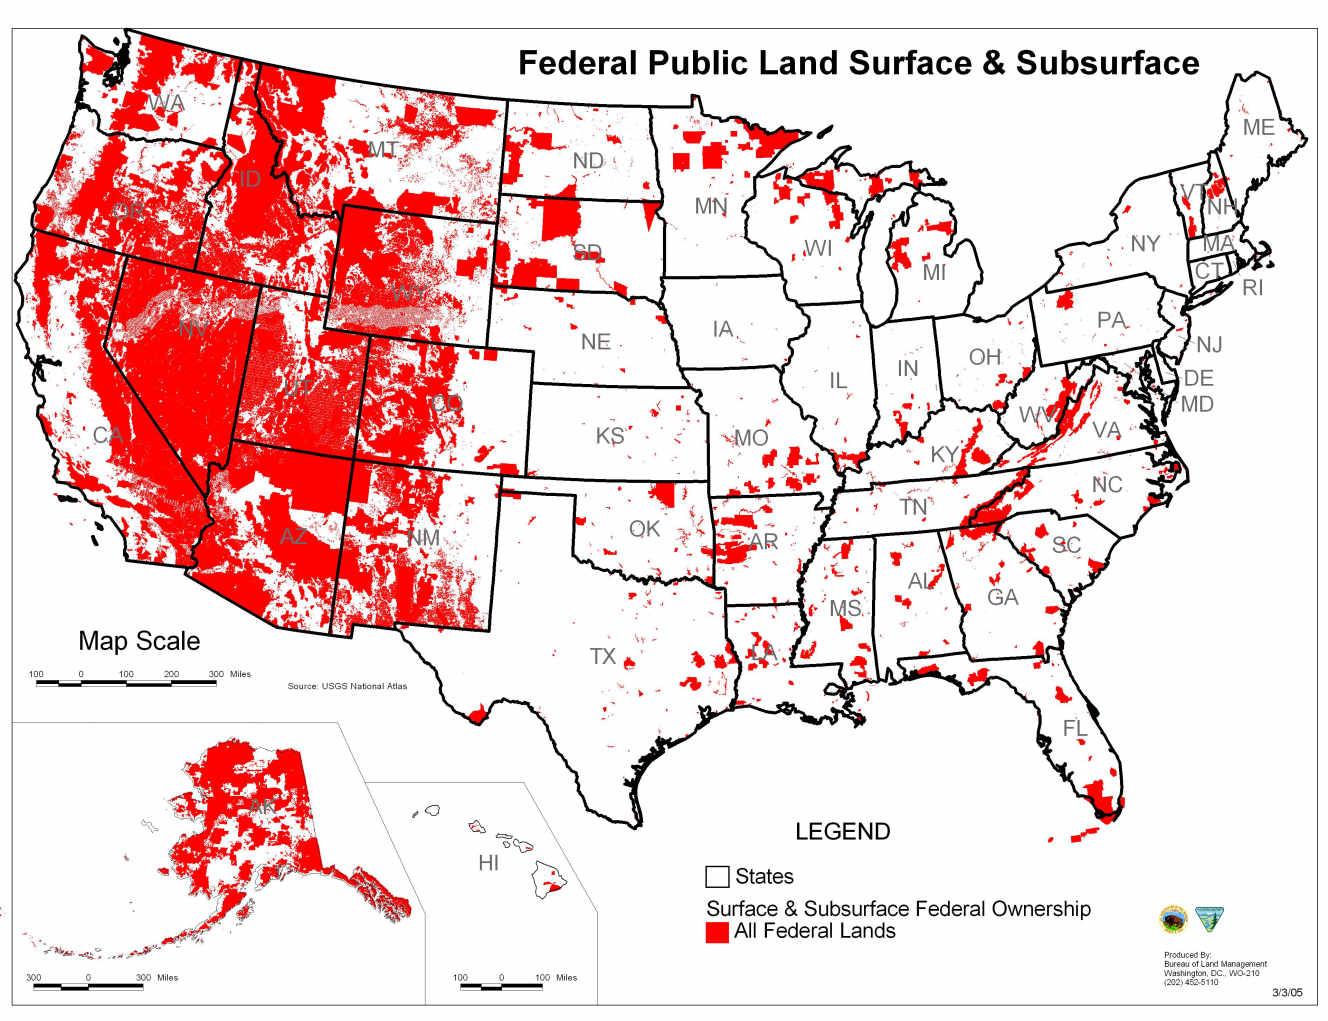 Această carte arată, în roșu, porțiunile de teren deținute de statul federal, În principal în țara de nord-vest.'Etat fédéral, essentiellement dans le nord-ouest du pays.